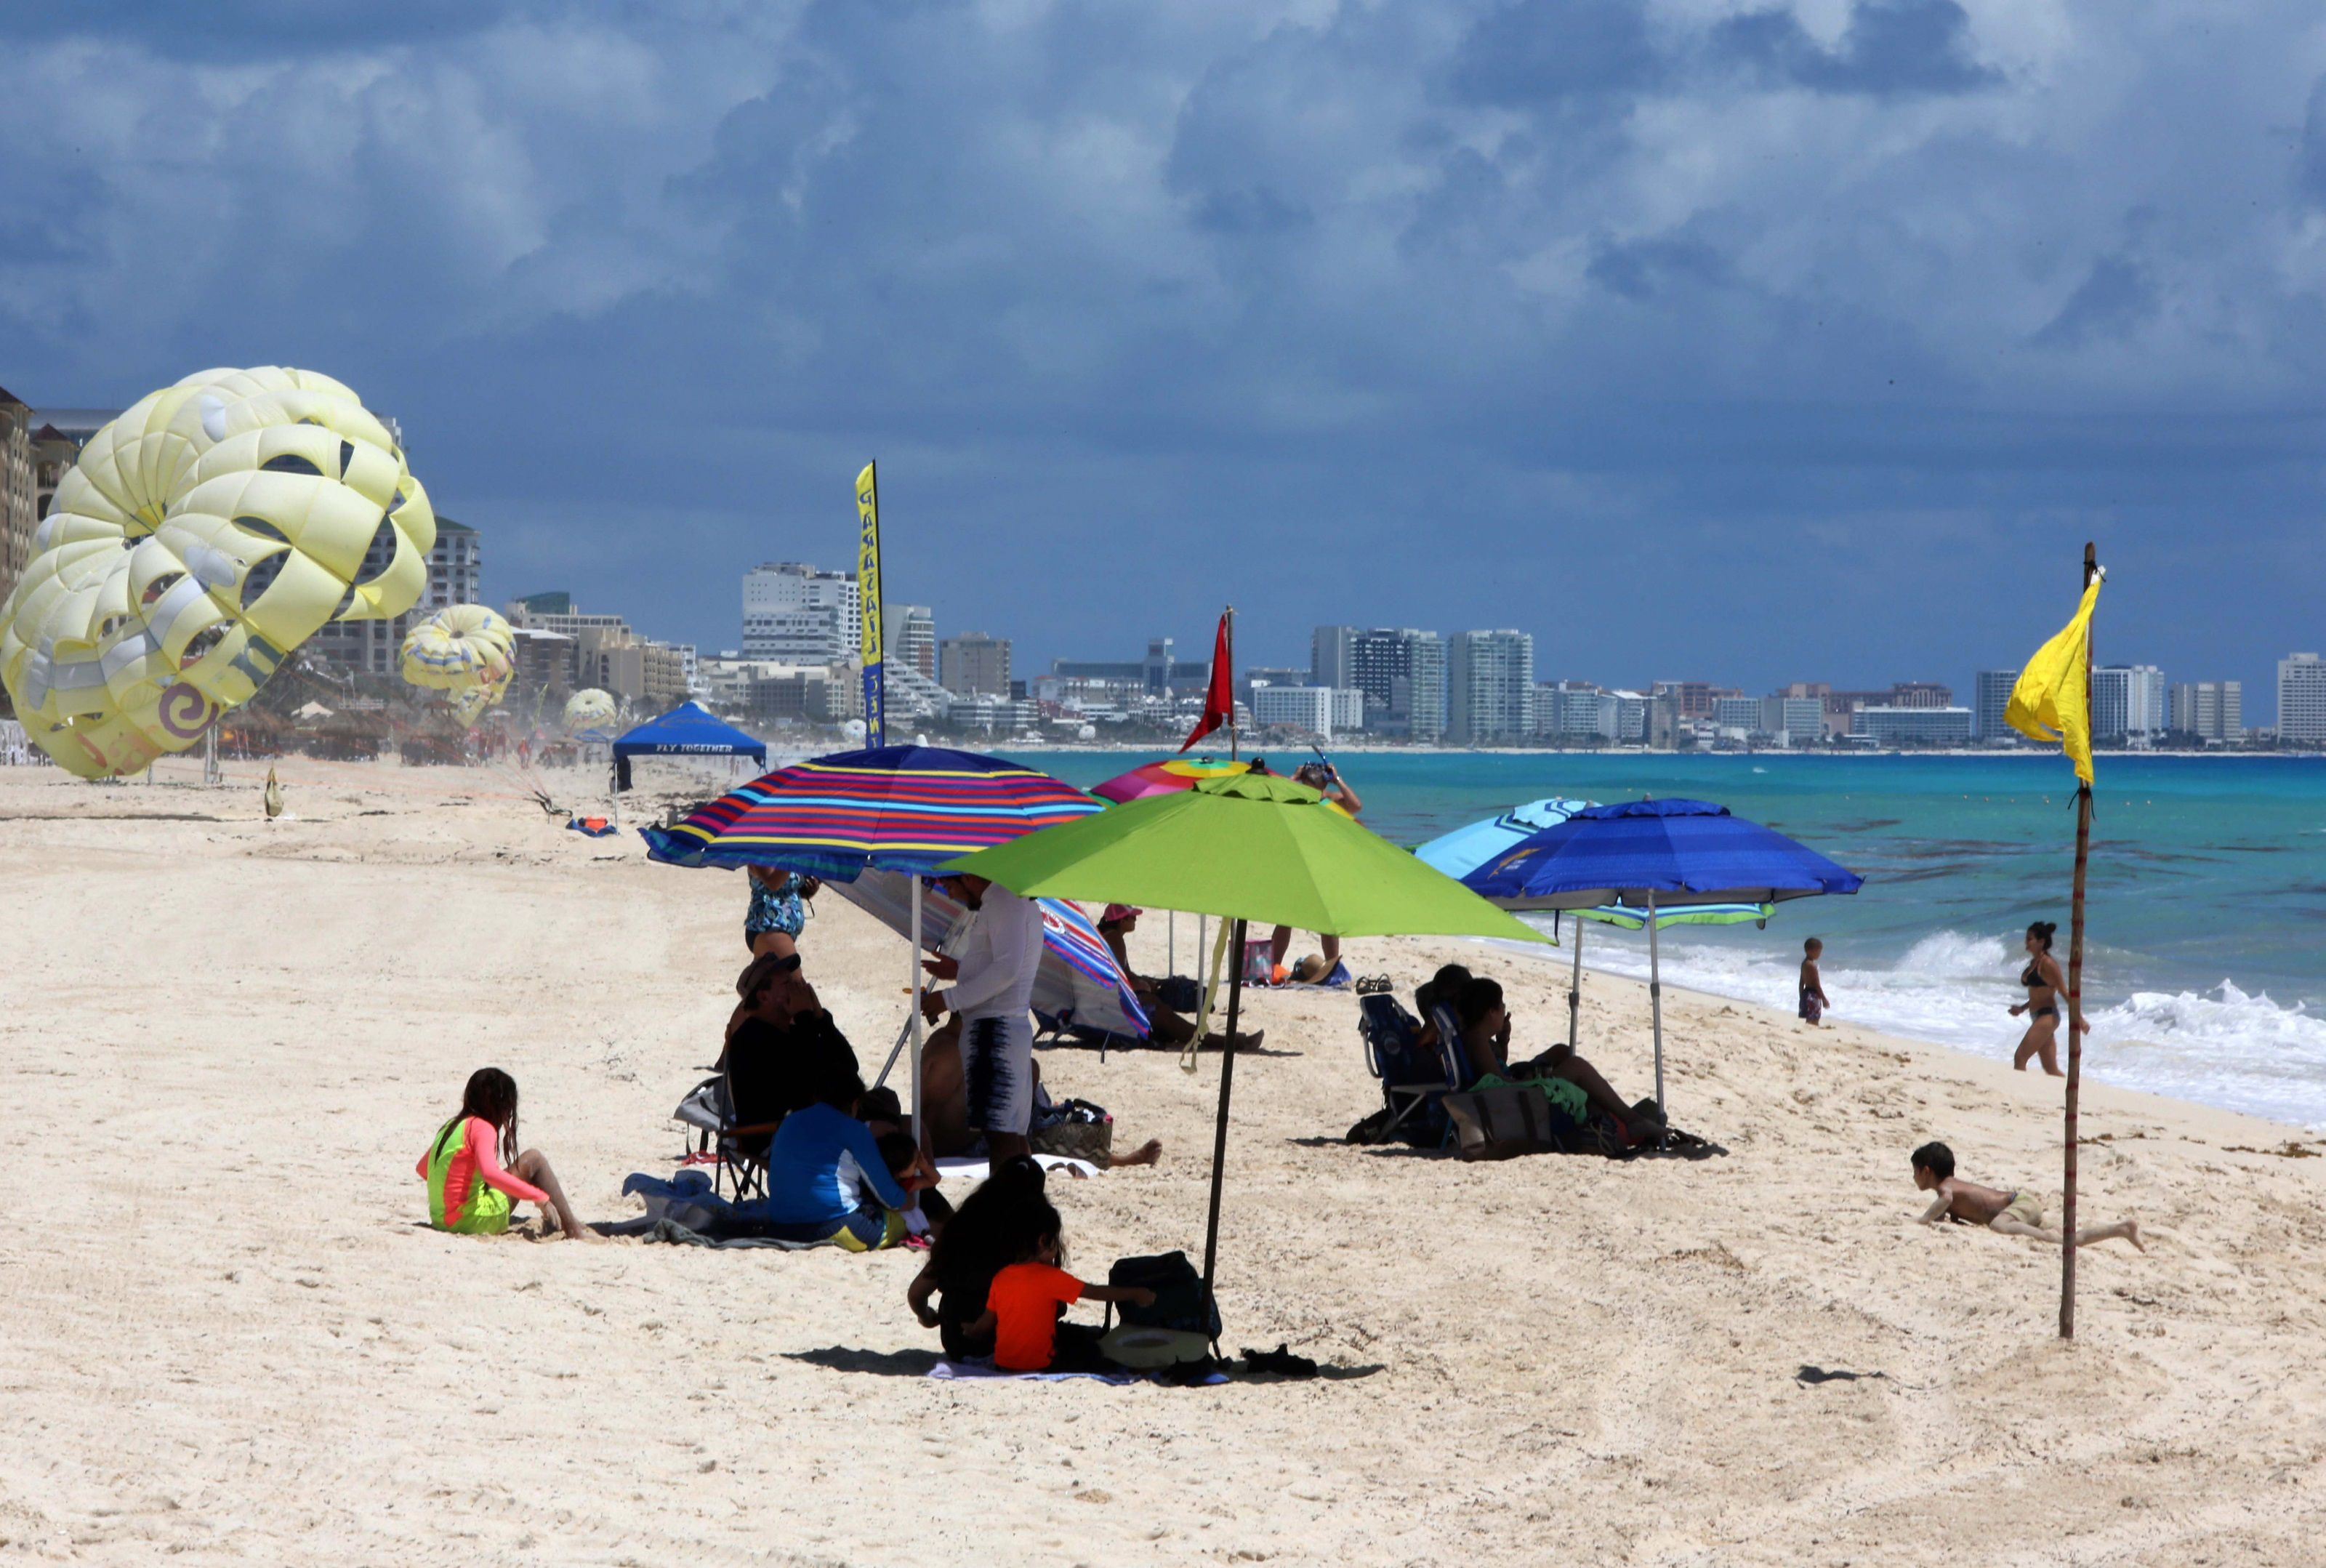 Playas mexicanas del Caribe se abren al turismo al bajar riesgo por COVID-19